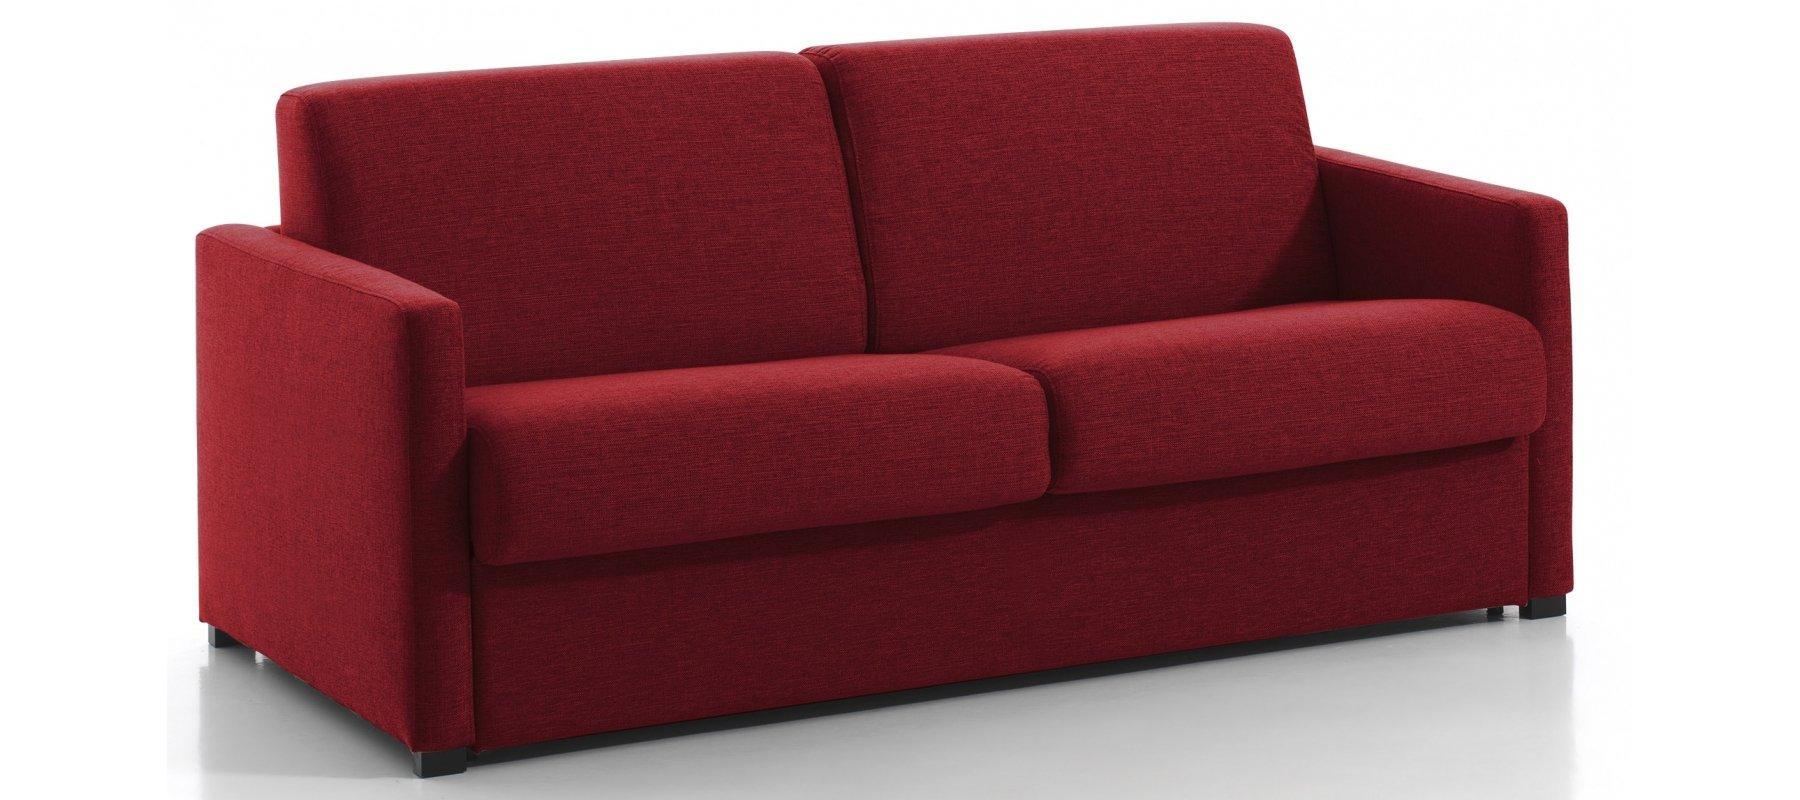 canap lit 3 places rapido metz couchage confortable 140 cm. Black Bedroom Furniture Sets. Home Design Ideas